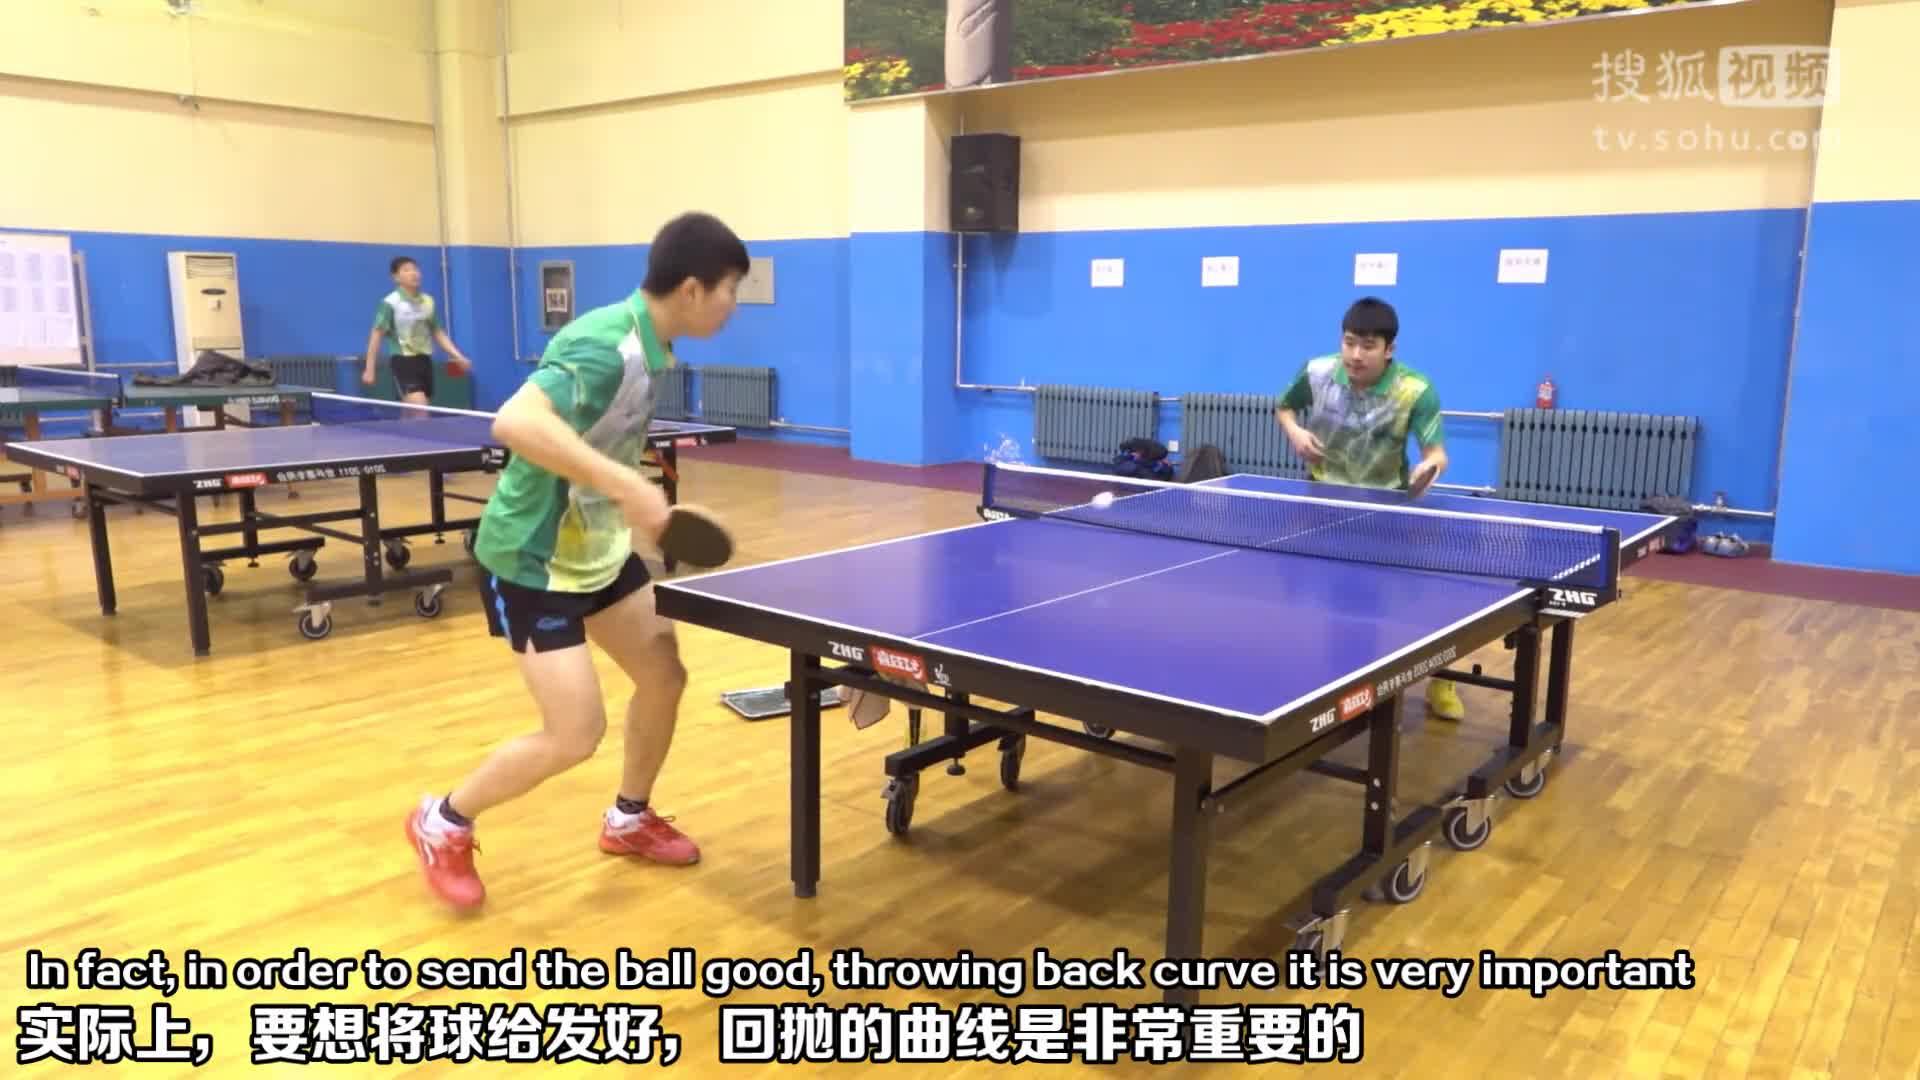 《乒乓球训练日记》第24集:正手下旋发球(国家队示范)_教学视频(中英文)